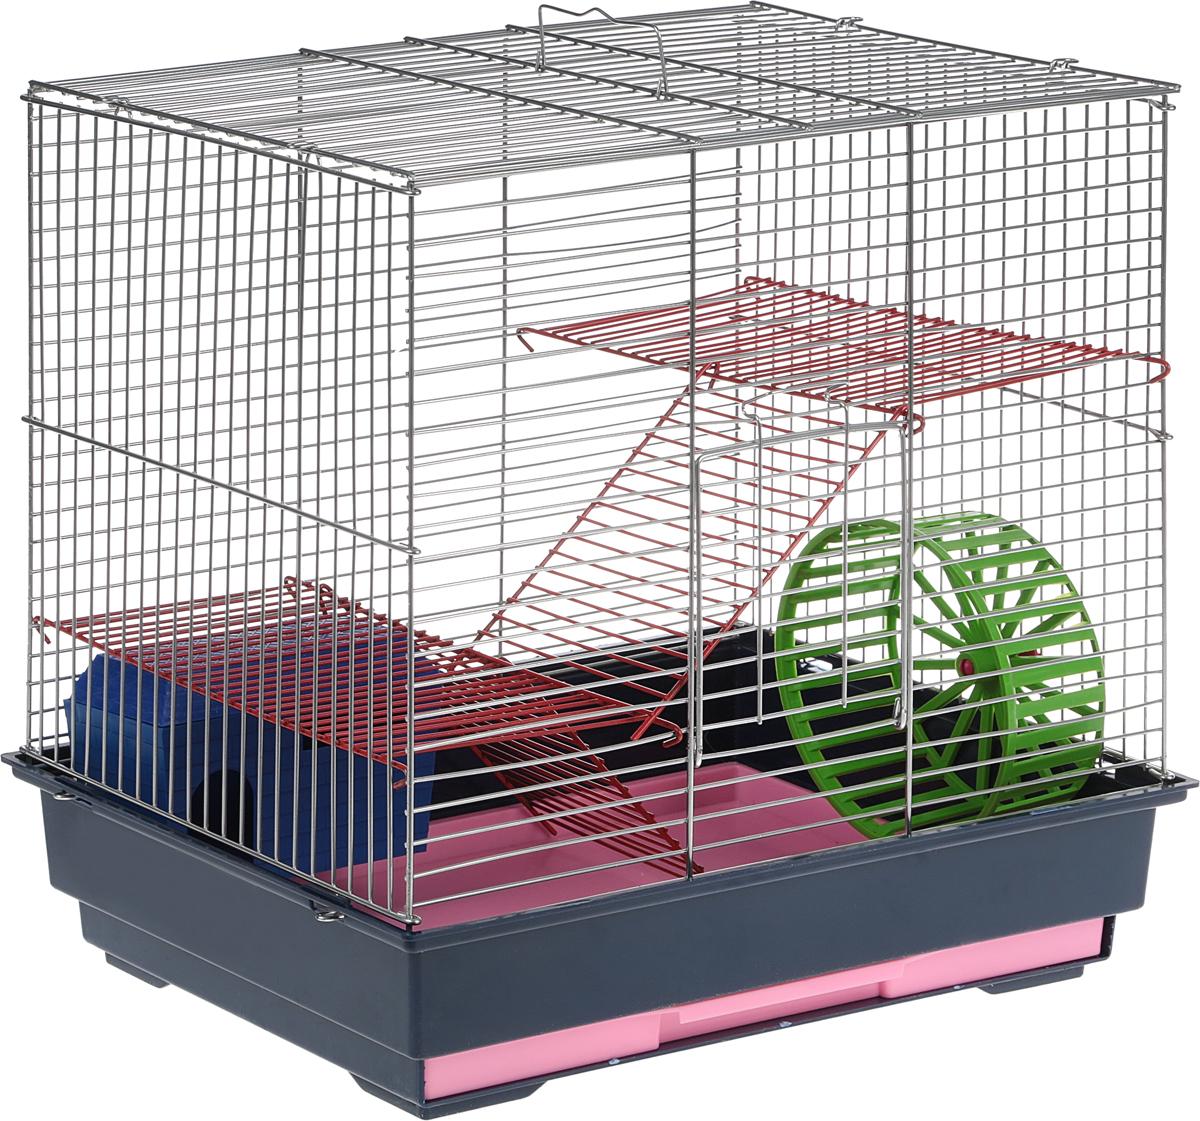 Клетка для грызунов Велес Lusy 3, 3-этажная, разборная, цвет: синий, 42 х 42 х 30 см305_синийРазборная клетка Велес Lusy 3, выполненная из полипропилена и металла, подходит для мелких грызунов. Изделие трехэтажное, оборудовано двумя лестницами, колесом и домиком. Клетка имеет яркий поддон, удобна в использовании и легко чистится. Сверху имеется ручка для переноски. Такая клетка станет уединенным личным пространством и уютным домиком для маленького грызуна.